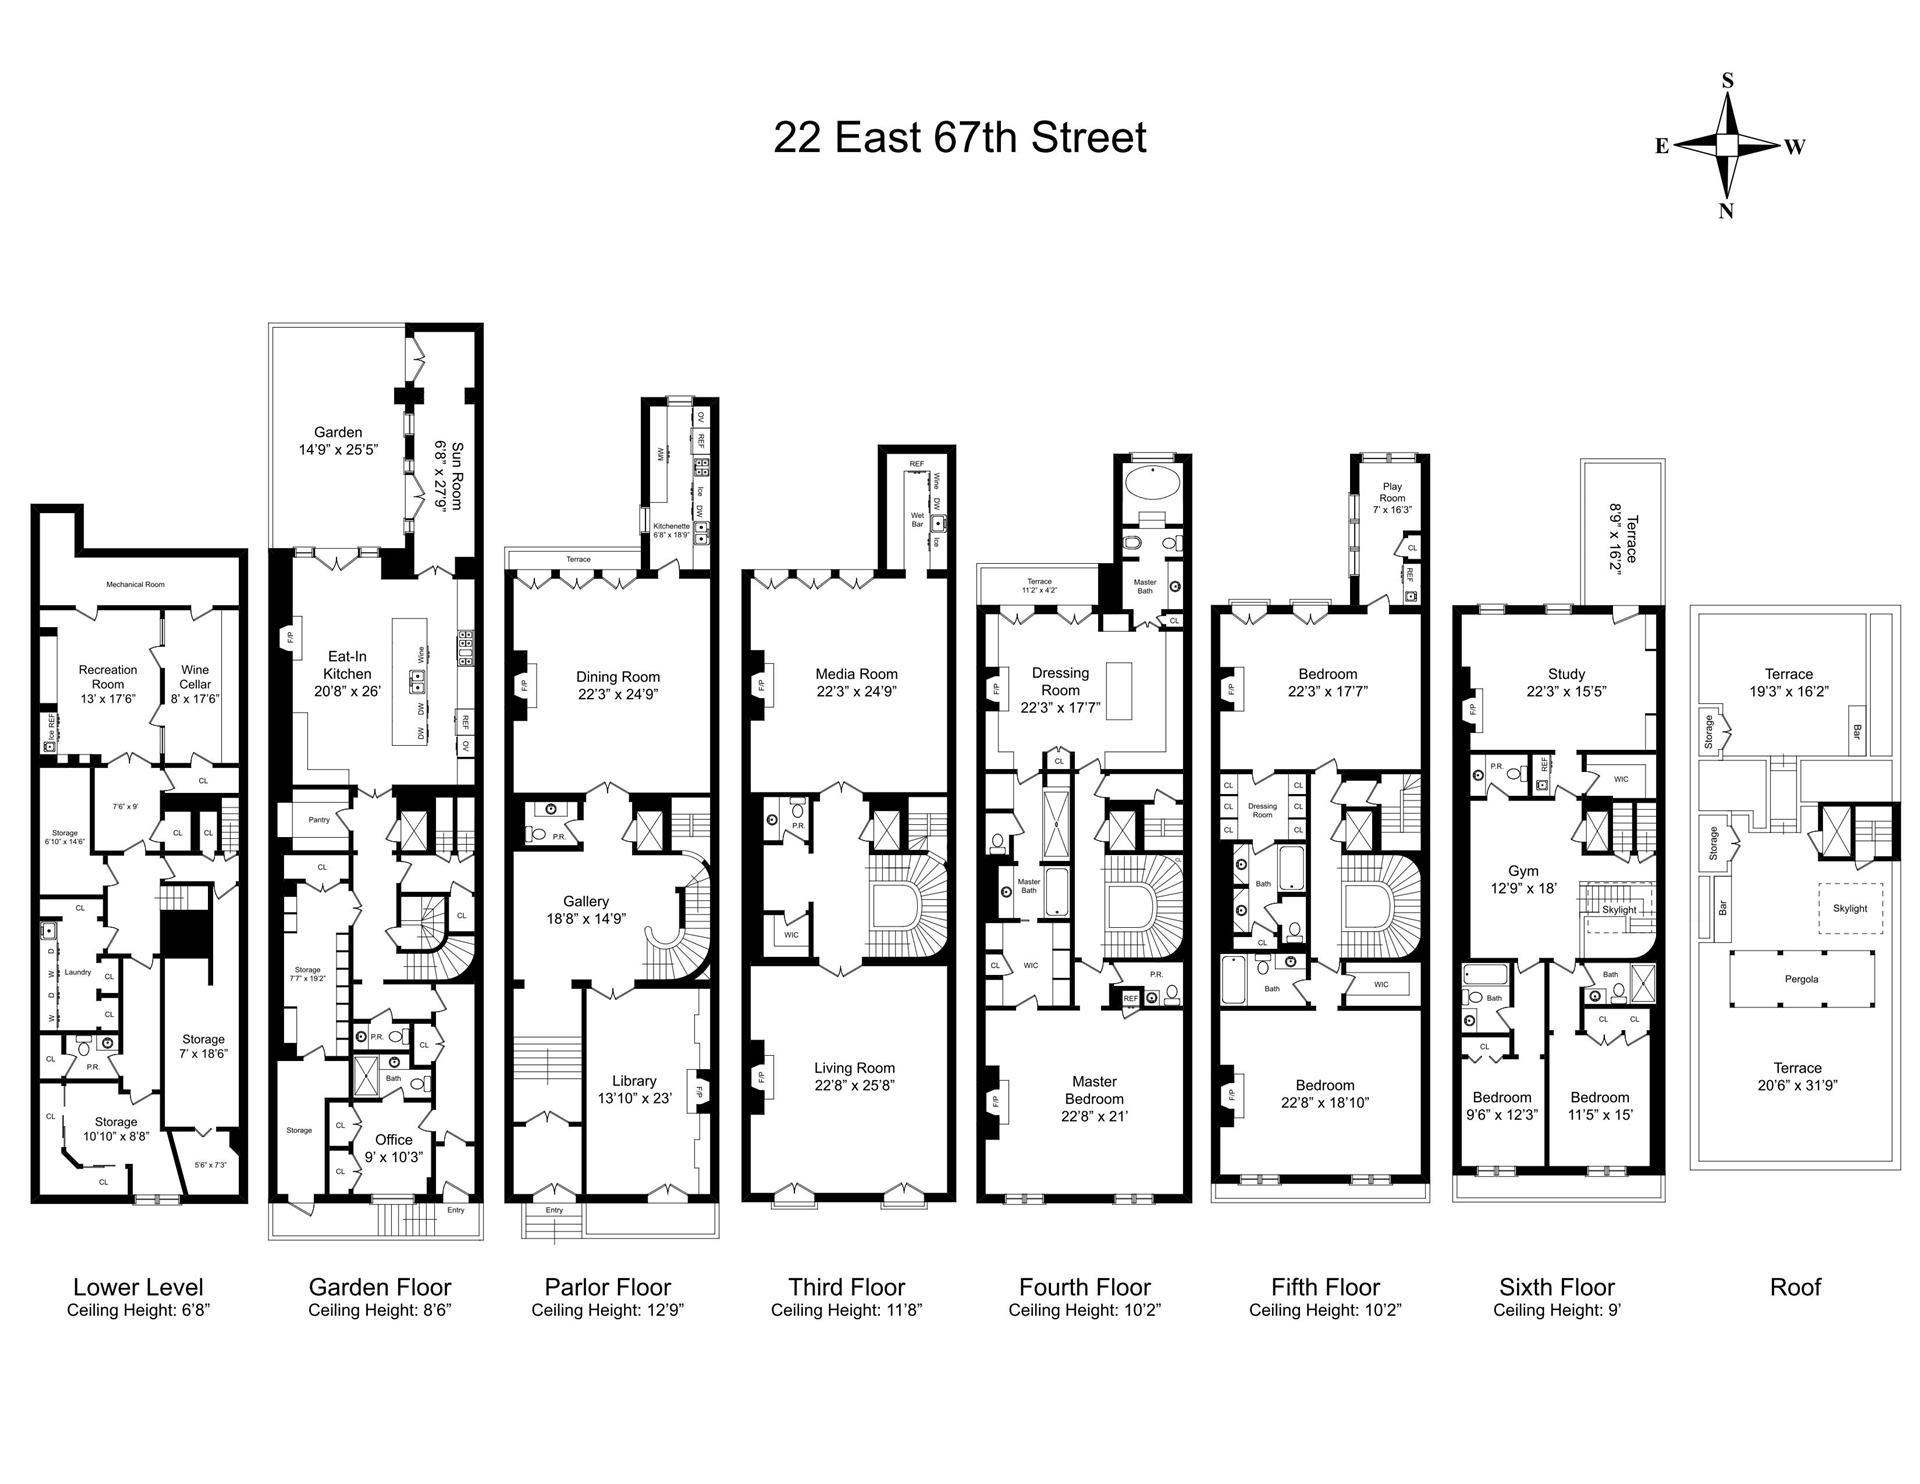 Floor plan of 22 East 67th St - Upper East Side, New York